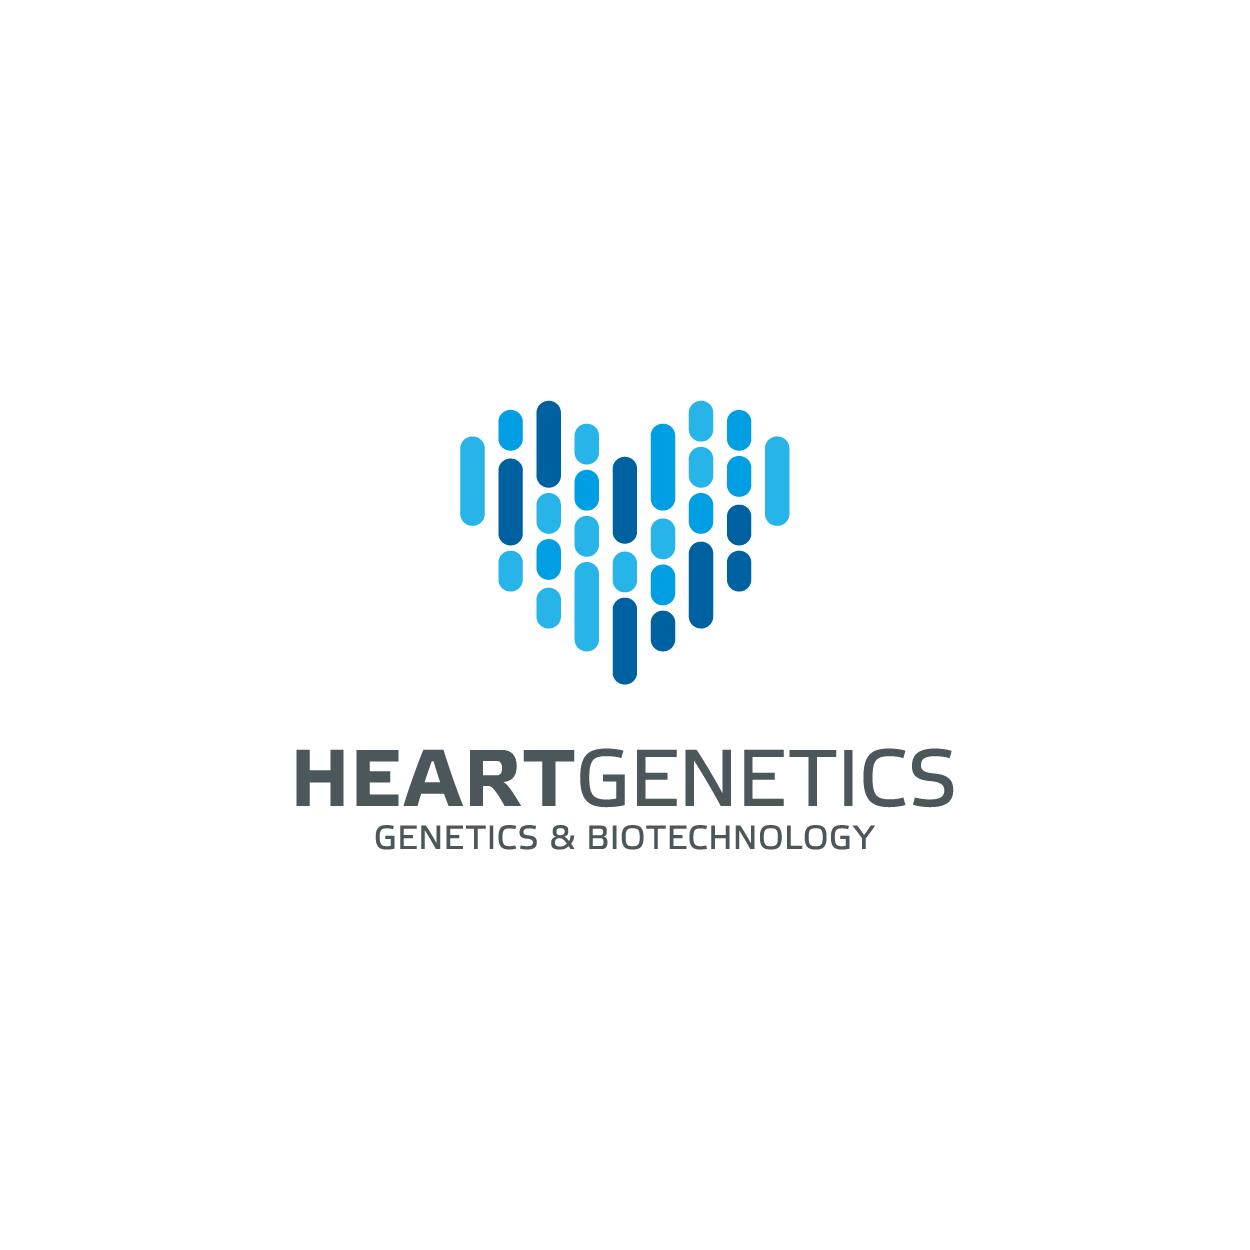 Heart Genetics